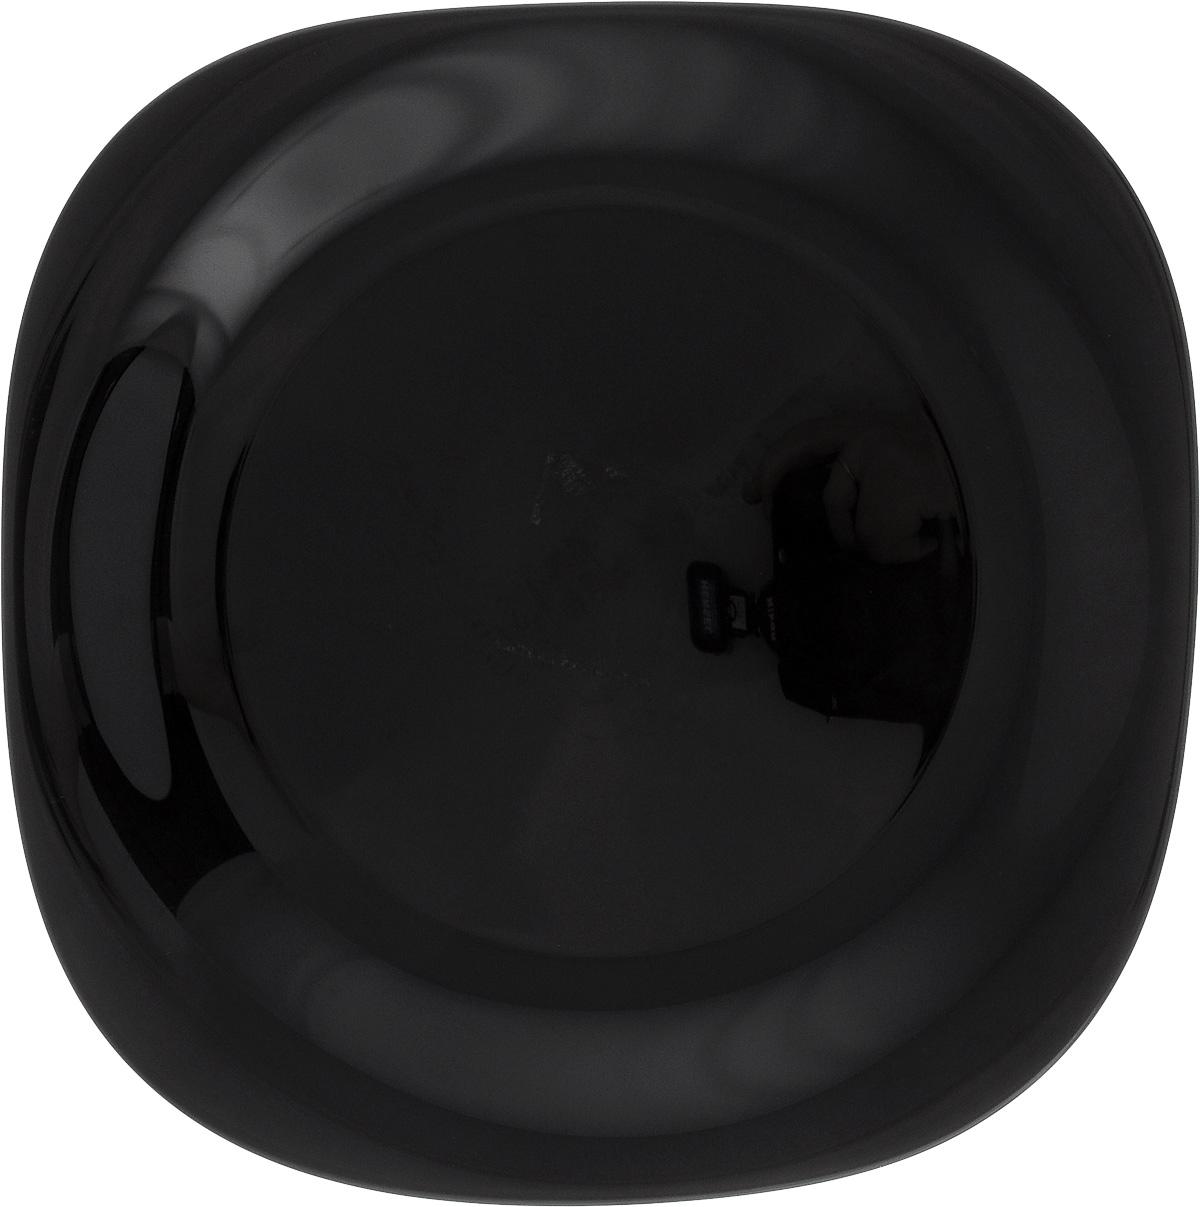 Тарелка обеденная Luminarc Carine Black, 26 х 26 смH3666Обеденная тарелка Luminarc Carine Black, изготовленная из высококачественного стекла, имеет изысканный внешний вид. Яркий дизайн придется по вкусу и ценителям классики, и тем, кто предпочитает утонченность. Тарелка Luminarc Carine Black идеально подойдет для сервировки вторых блюд из птицы, рыбы, мяса или овощей, а также станет отличным подарком к любому празднику.Размер тарелки (по верхнему краю): 26 х 26 см.